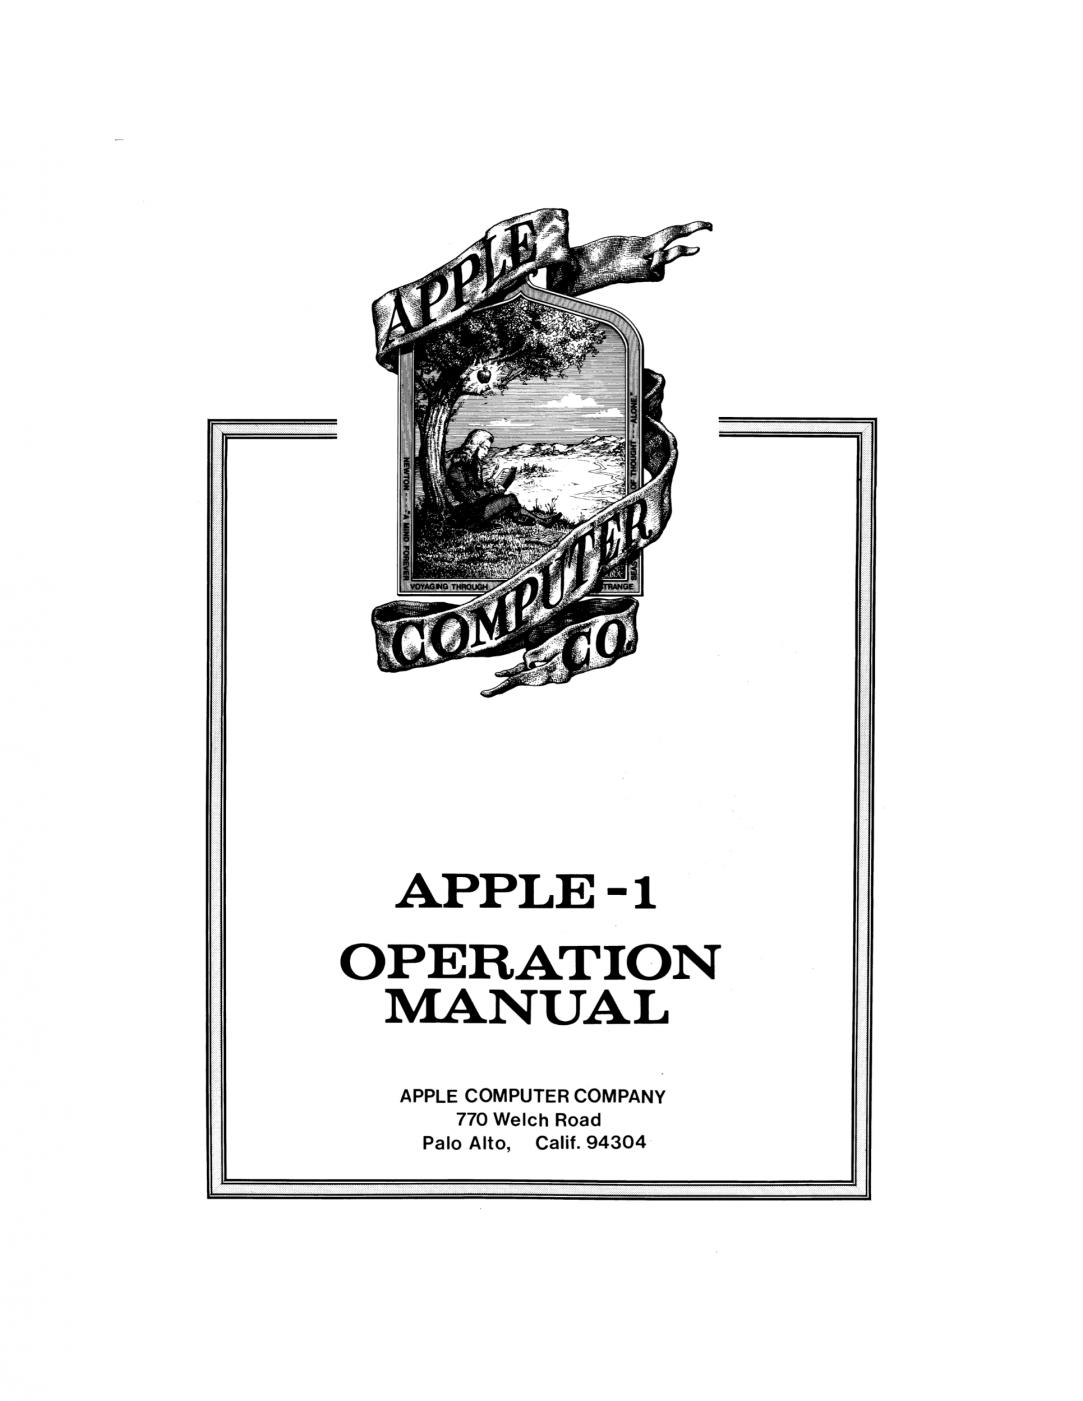 Apple-1.thumb.png.ec34c70a2e84901bdb76911971ba1cad.png